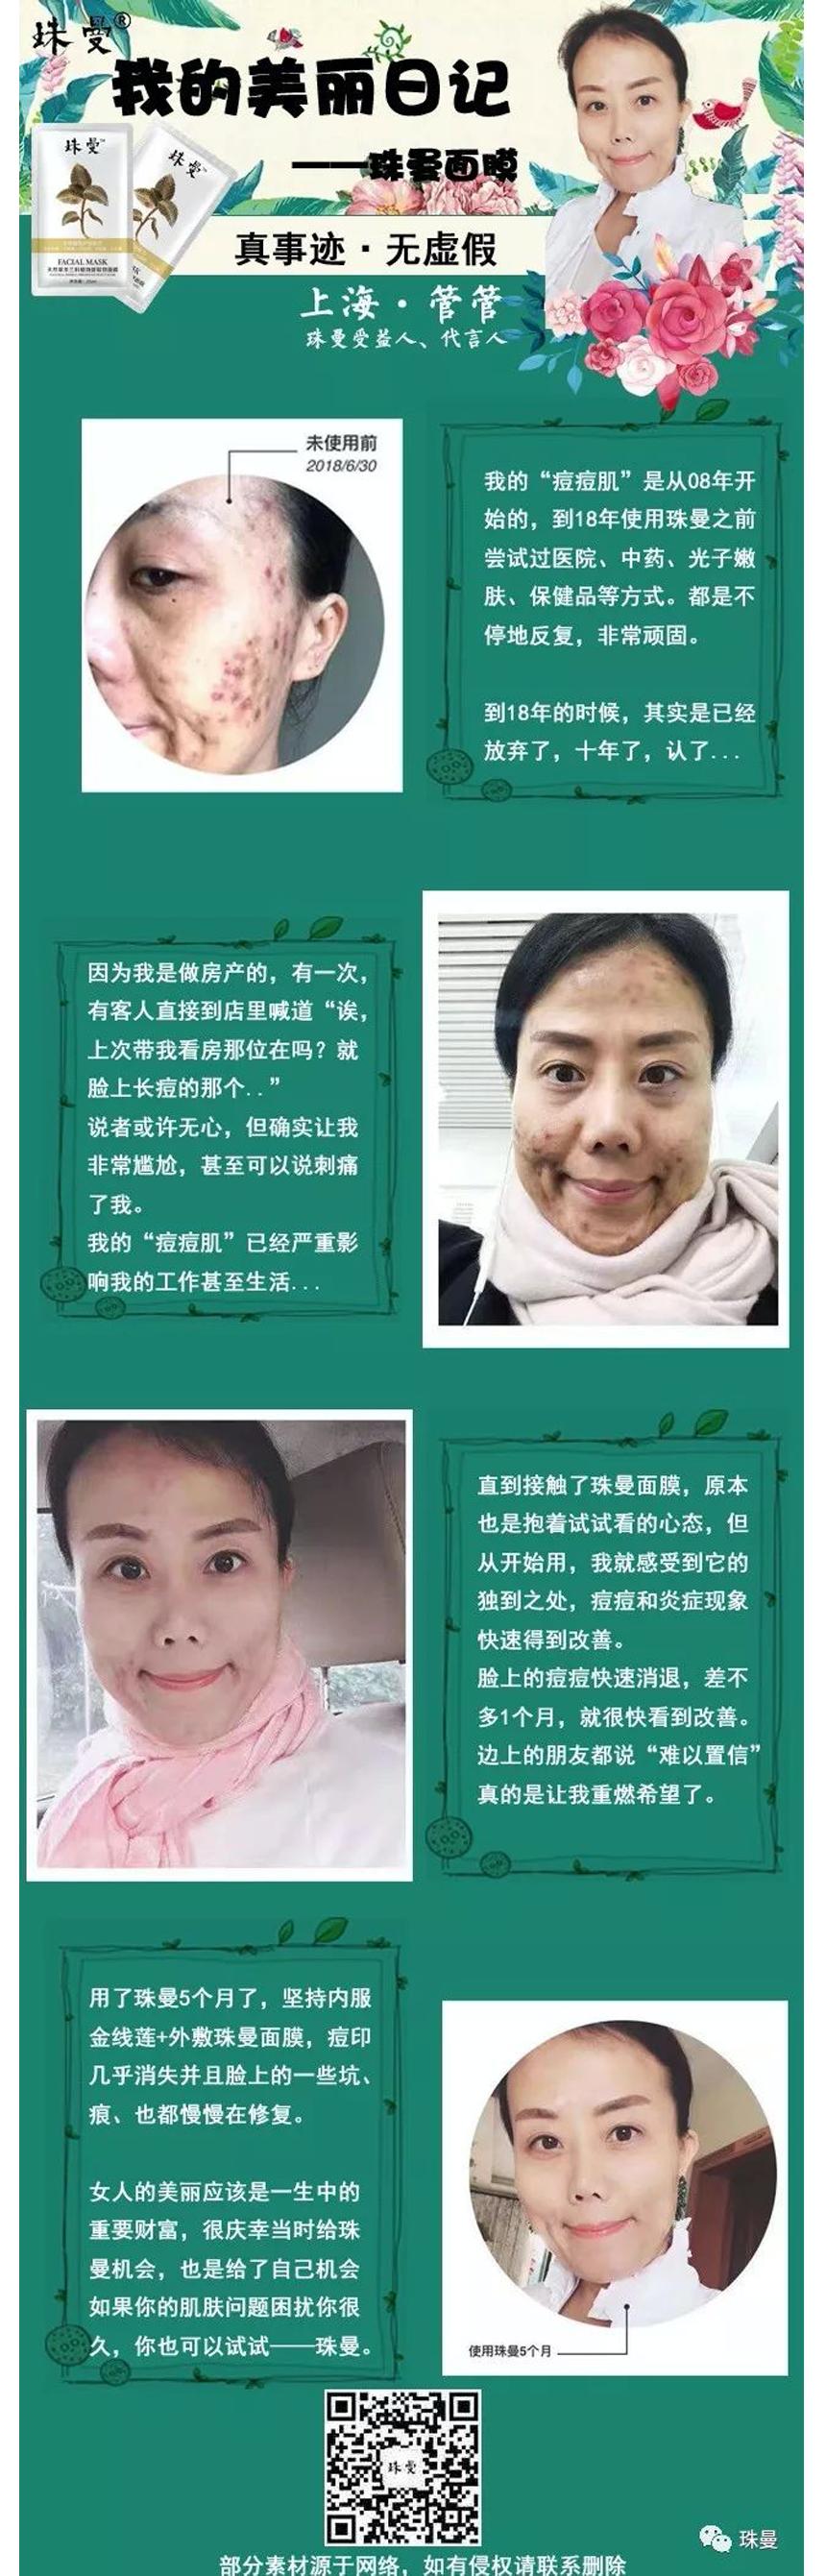 珠曼粉丝案例分享——痘痘肌